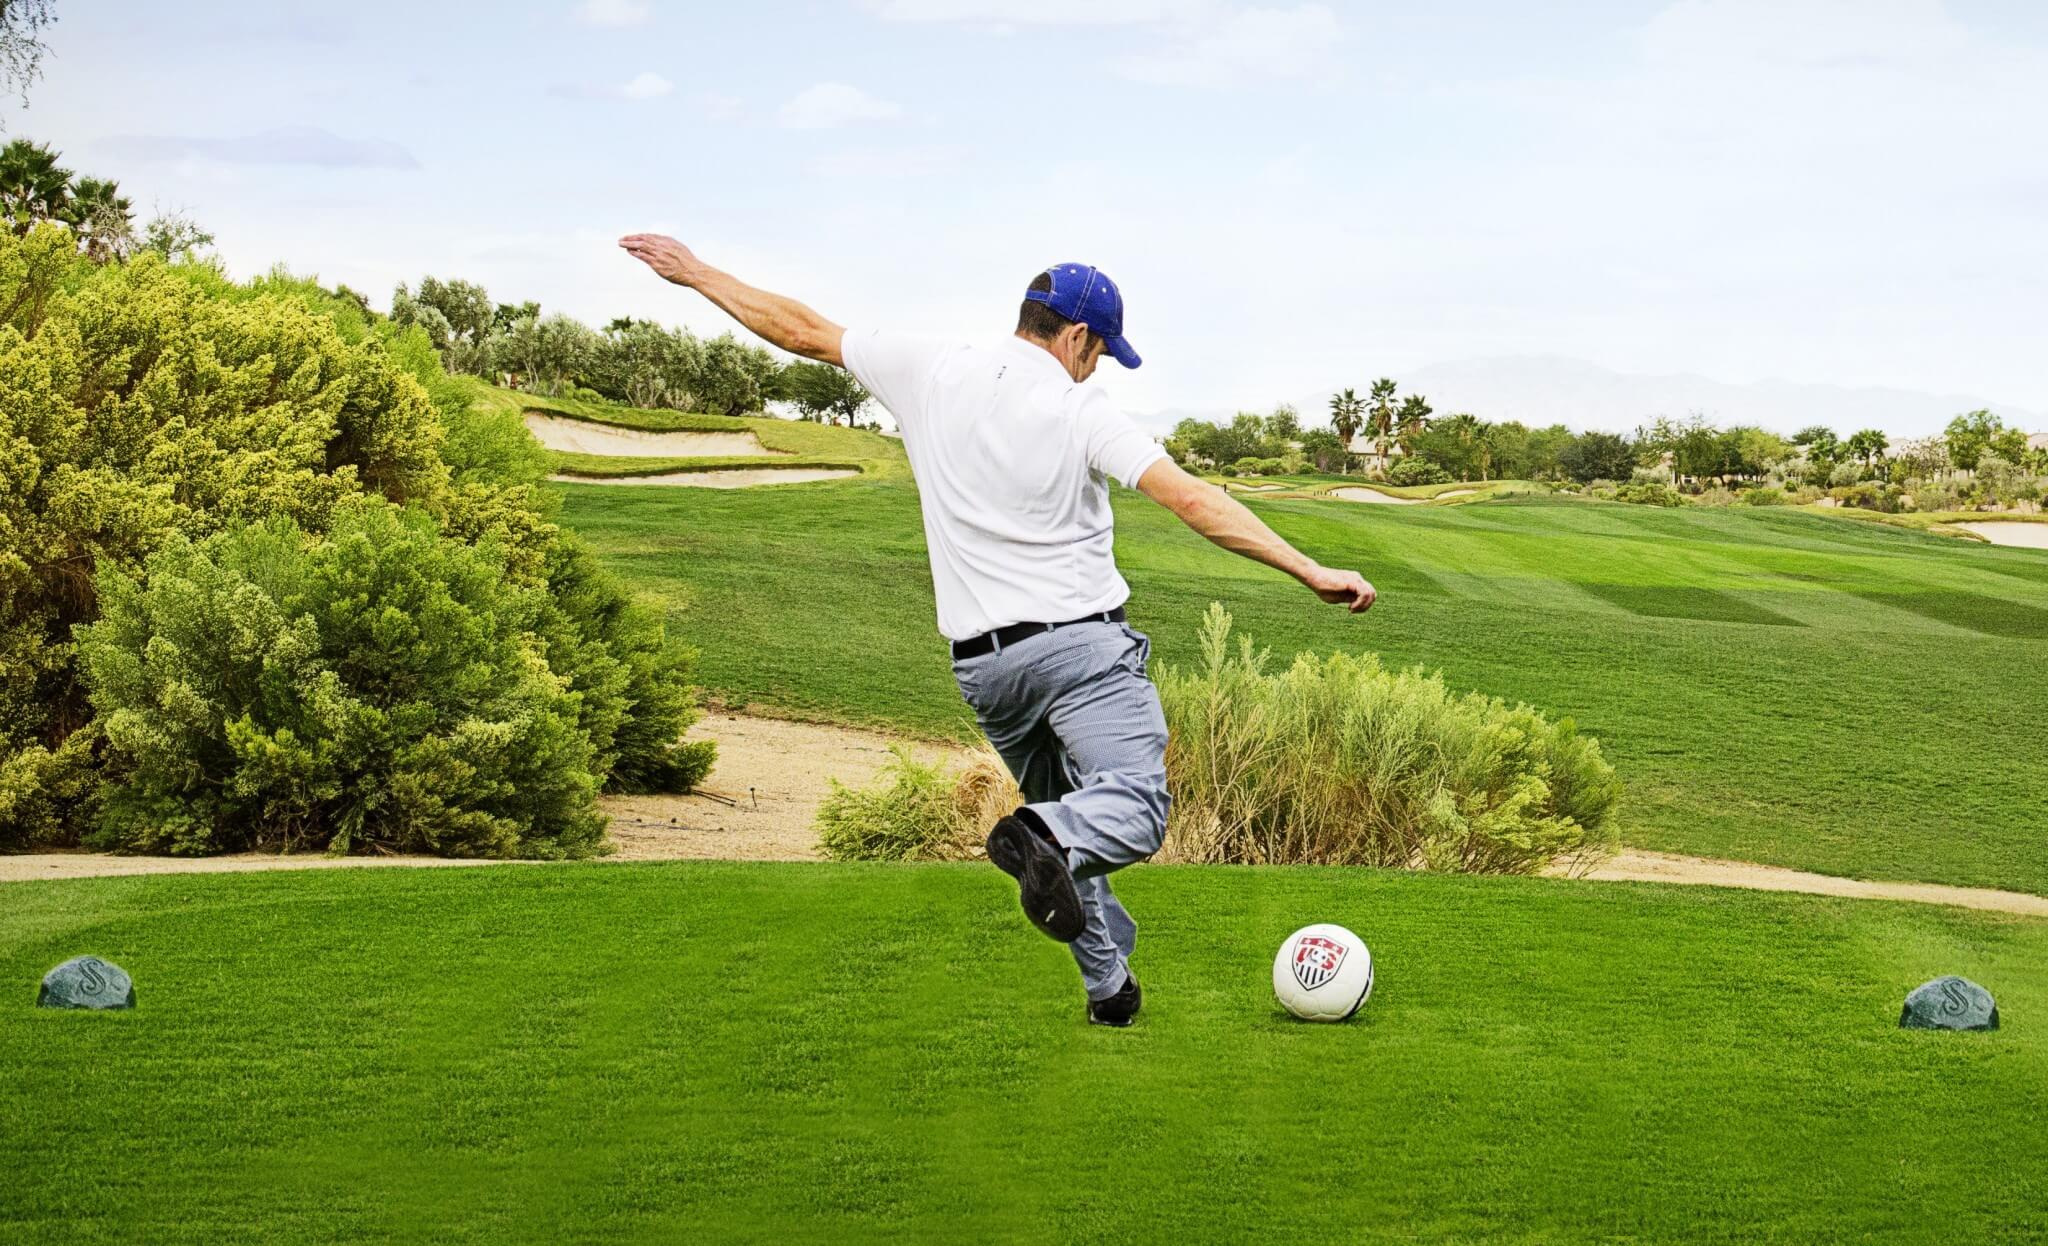 Mężczyzna grający w Footgolf